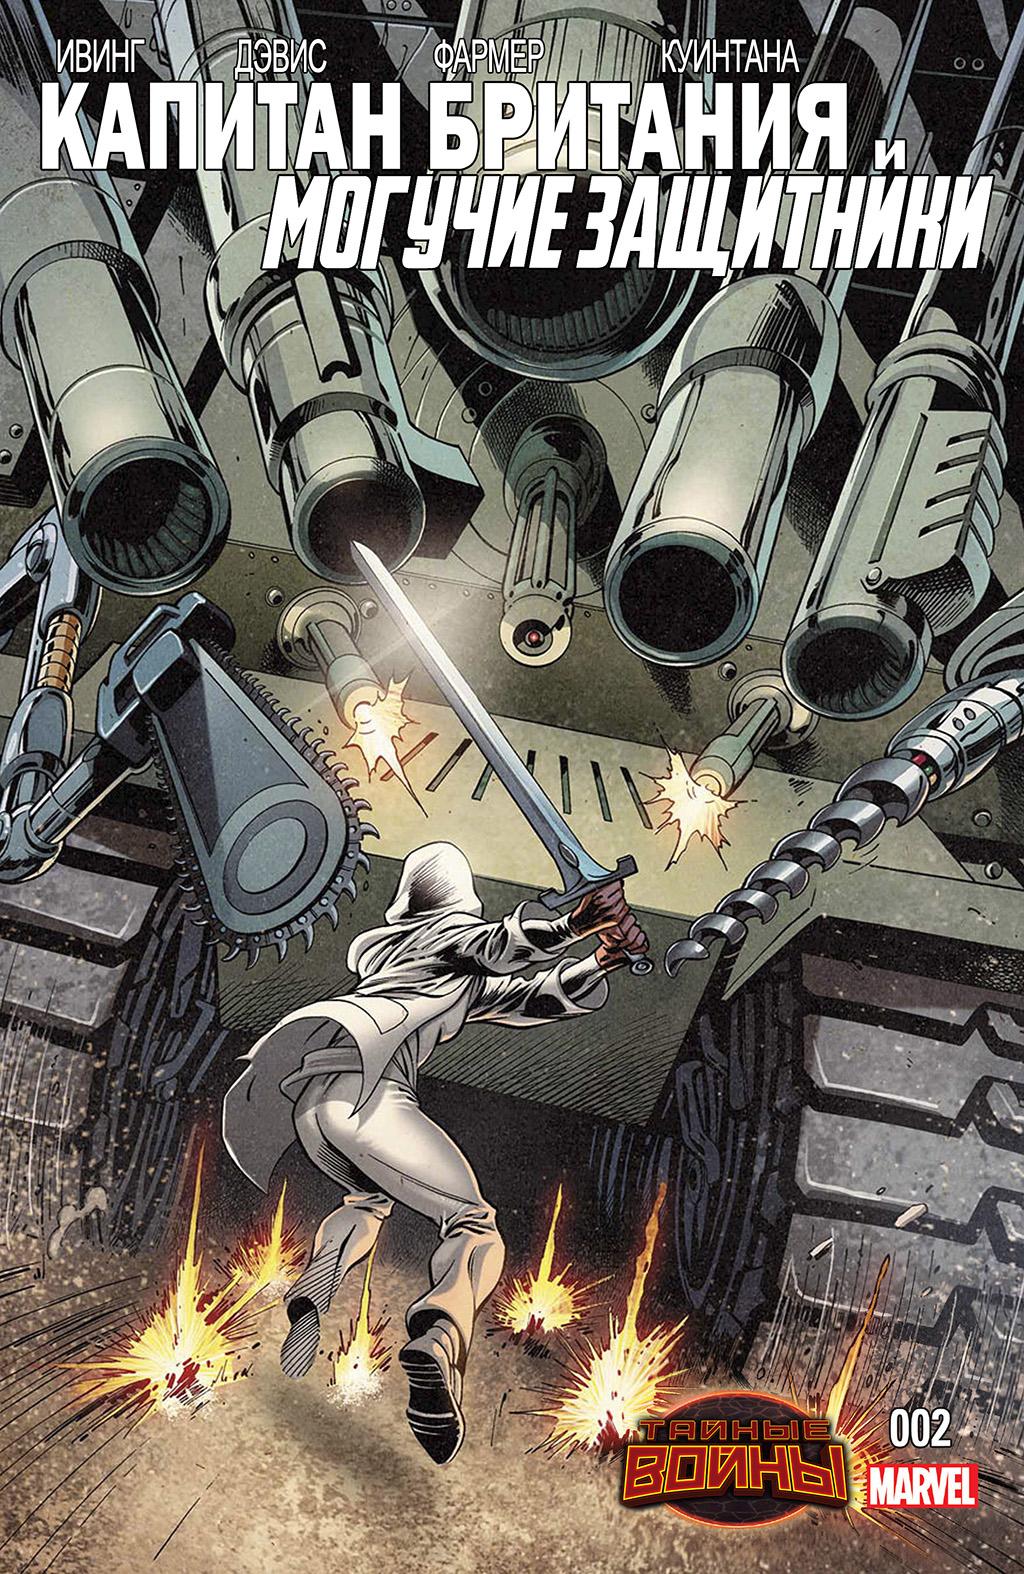 Комикс Капитан Британия и Могучие Защитники